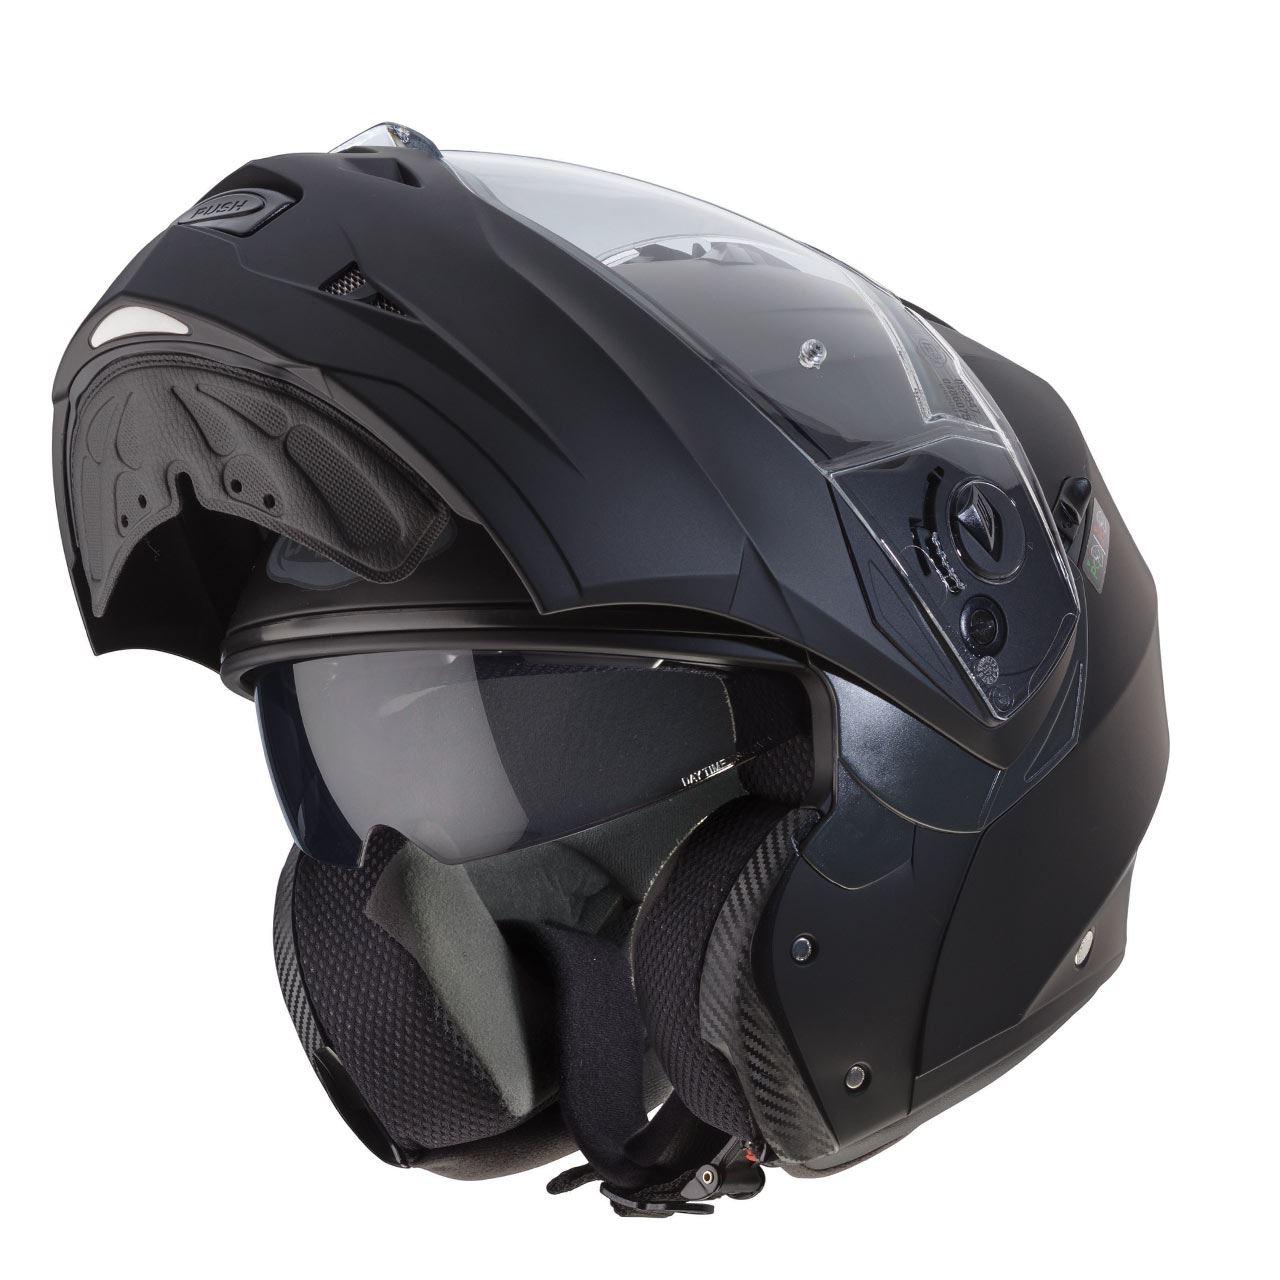 Caberg-Duke-II-Flip-Front-Motorcycle-Helmet-Modular-Bike-Sun-Visor-amp-Pinlock thumbnail 16